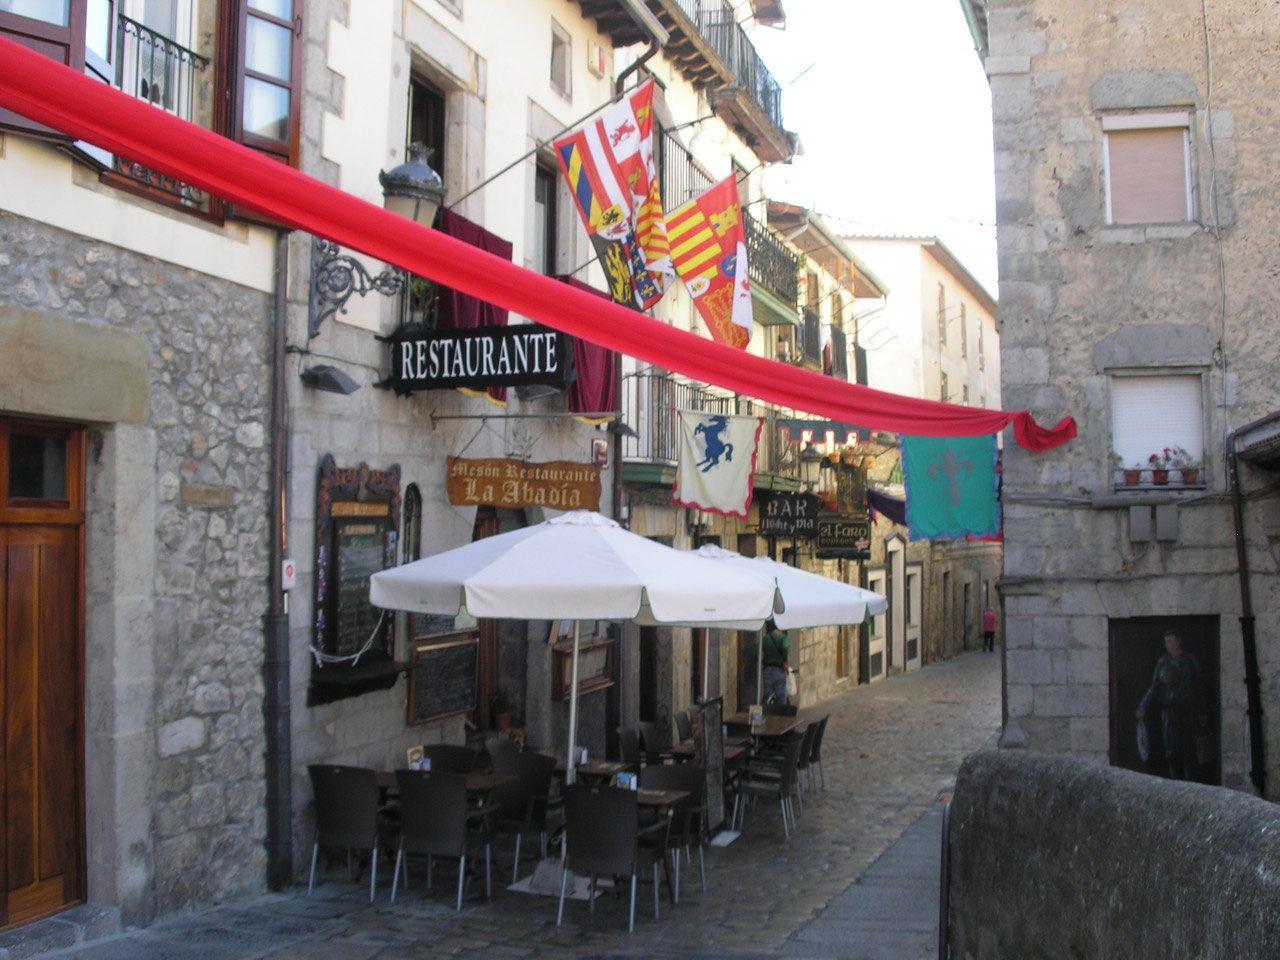 Restaurante en el centro histórico de Laredo, Cantabria